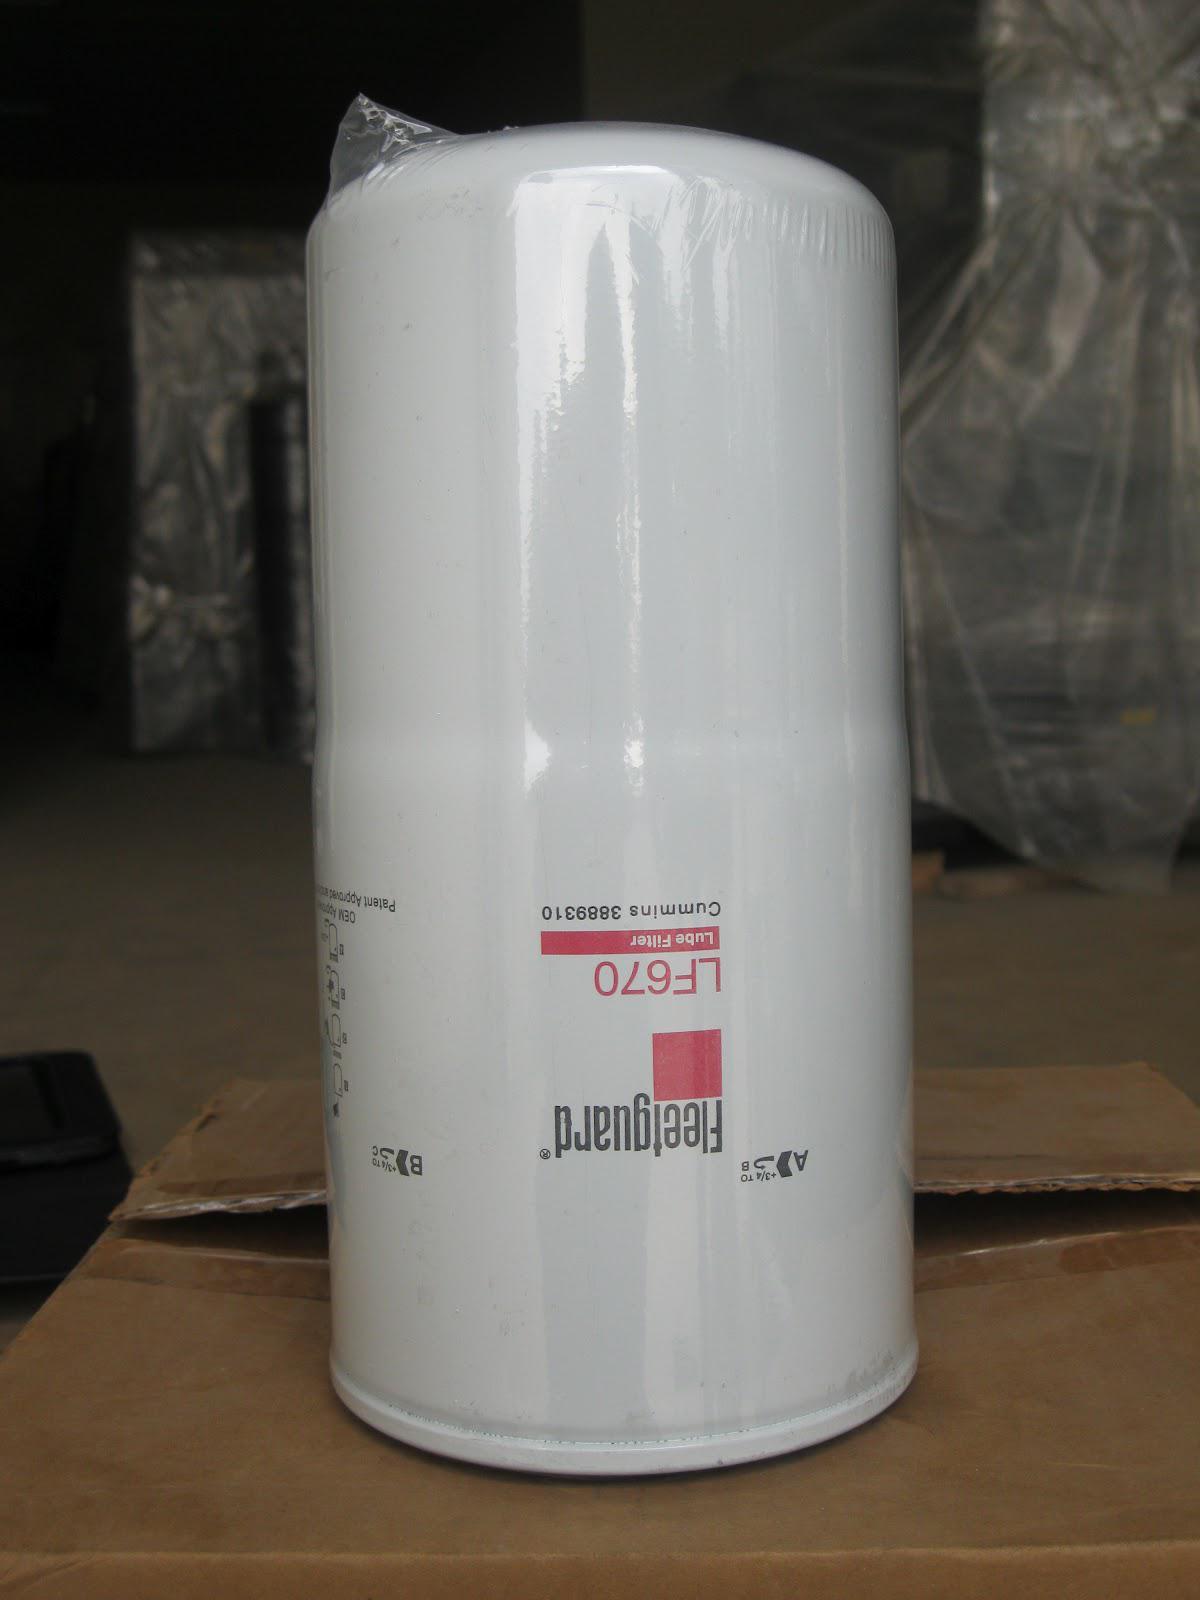 Fleedguard LF670